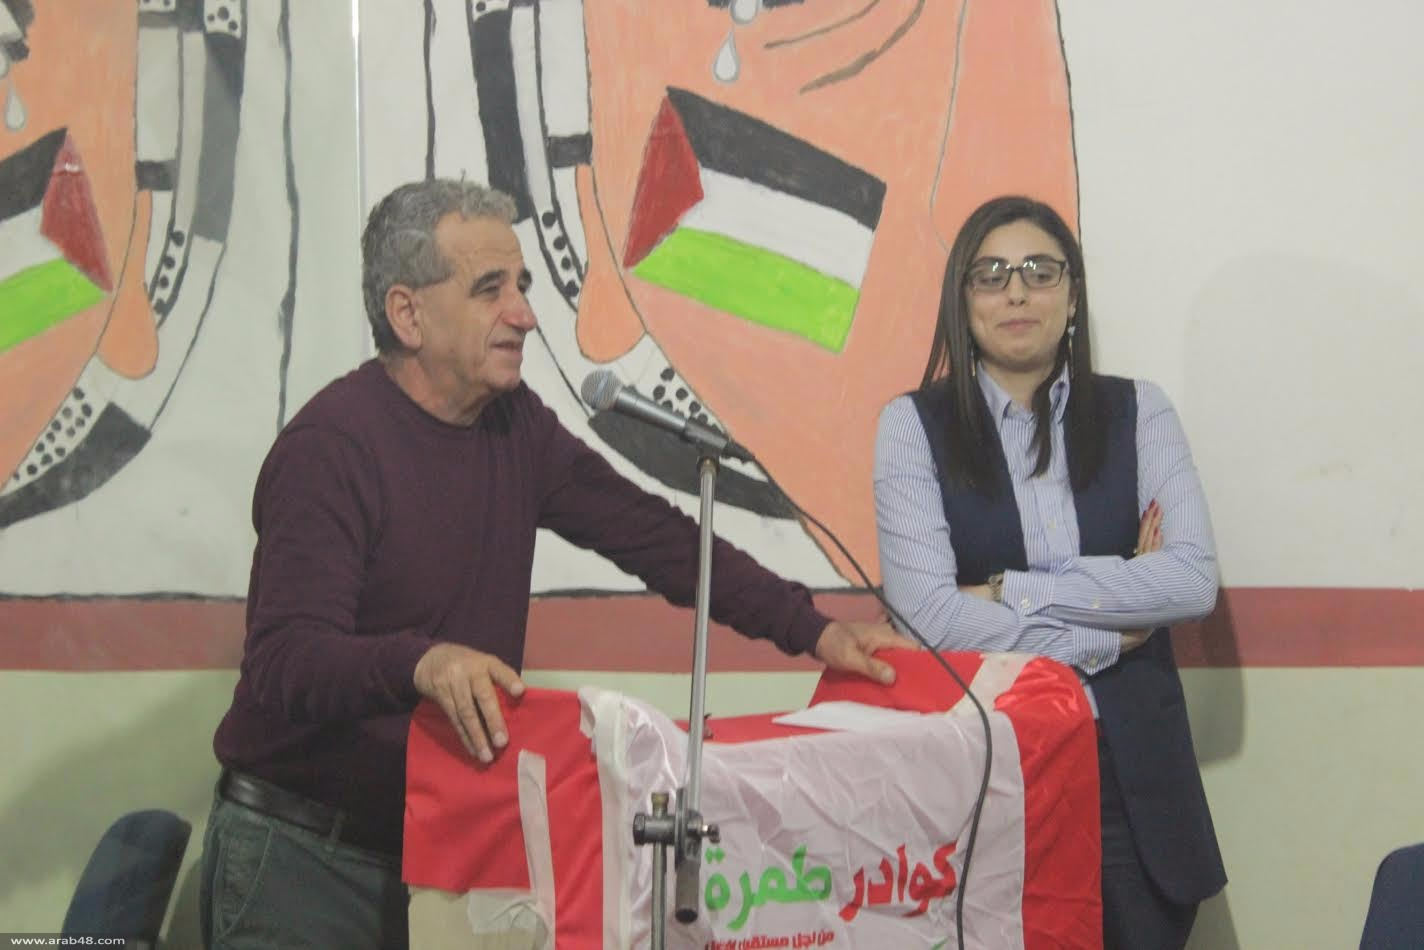 غدير بقاعي من طمرة: أطمح لتغيير زمن المخترة